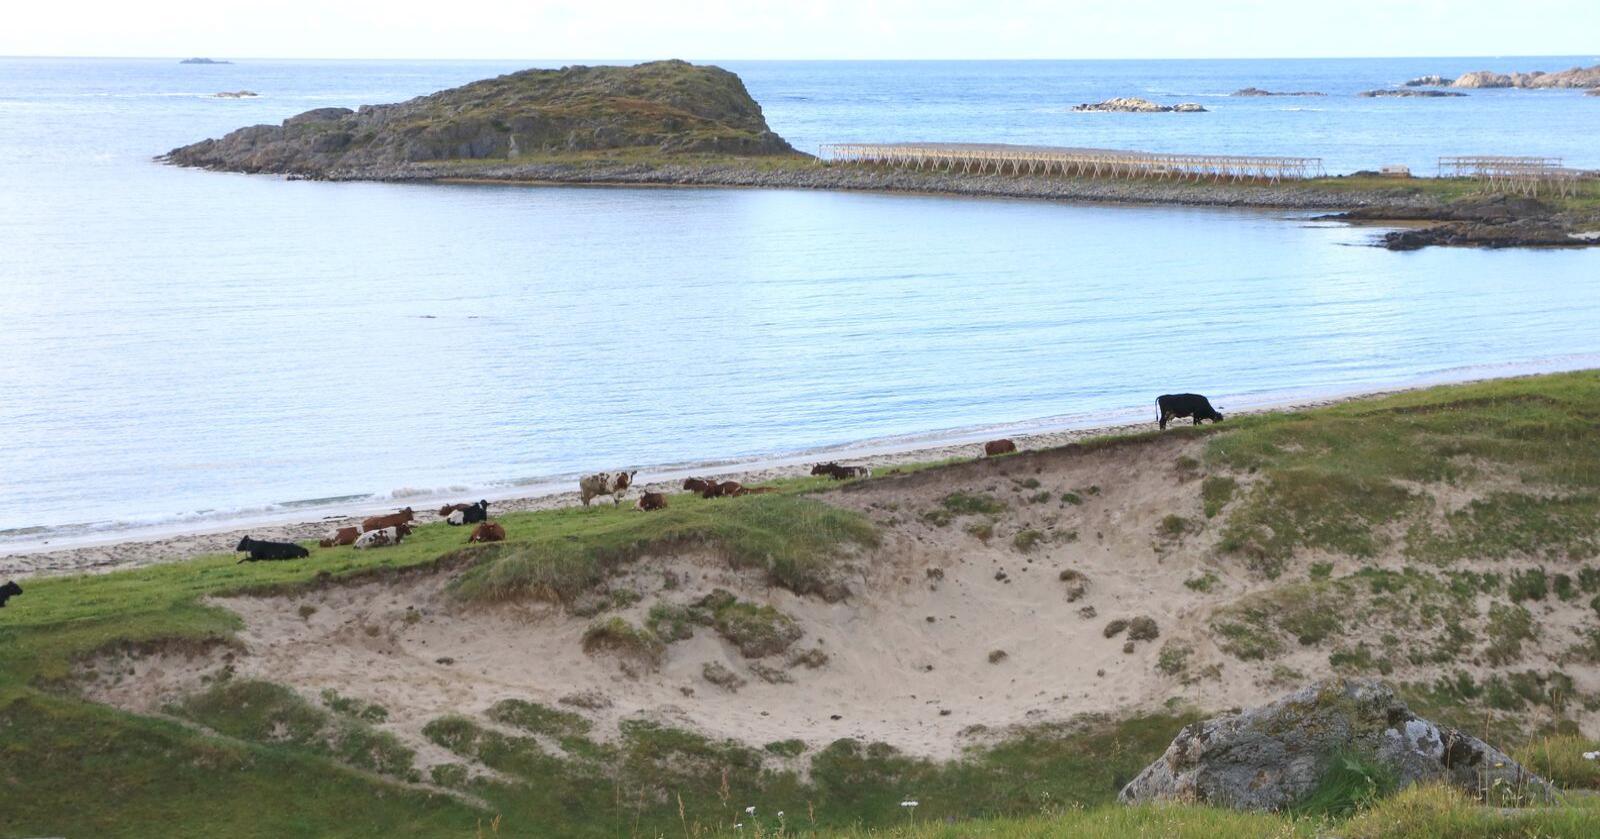 Staten vil ikke få kjøpt opp planlagt mengde i Rogaland, Oppland, Trøndelag, Nordland og Finnmark. Bildet er fra Bø i Vesterålen. (Foto: Liv-Karin Edvardsen)